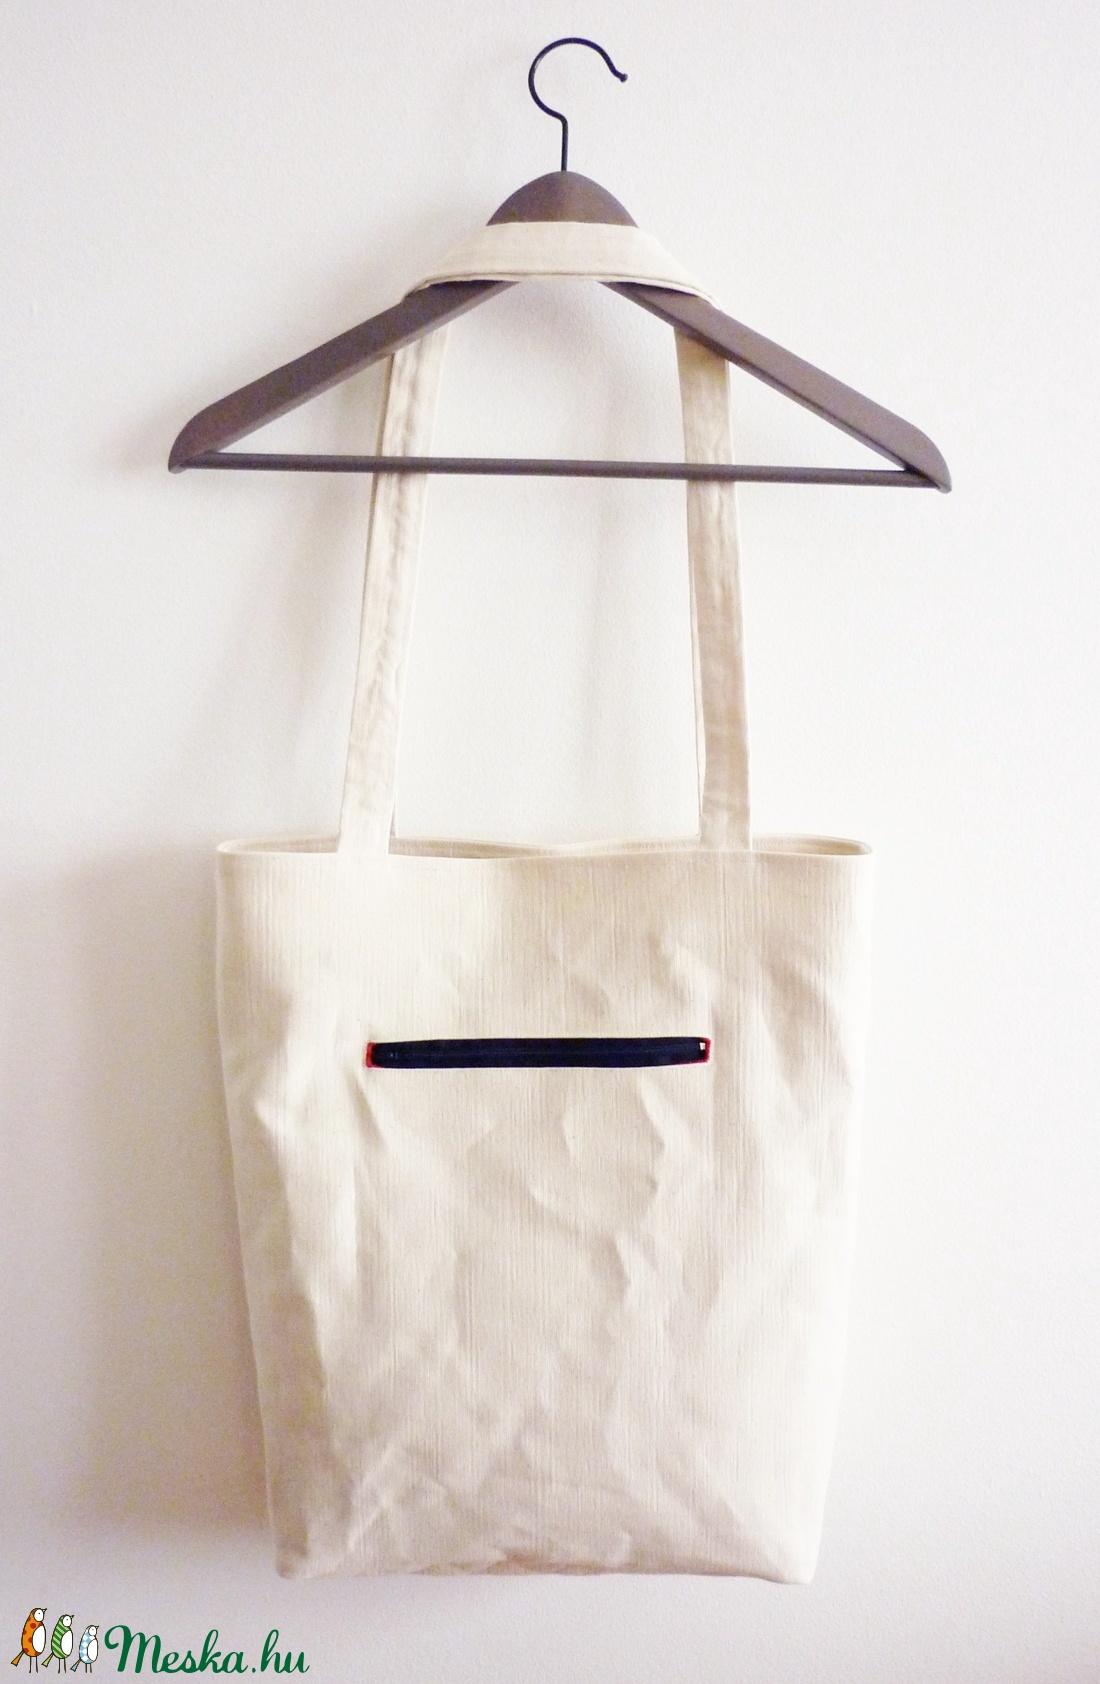 Kecskés válltáska, bevásárlótáska - táska & tok - bevásárlás & shopper táska - shopper, textiltáska, szatyor - Meska.hu